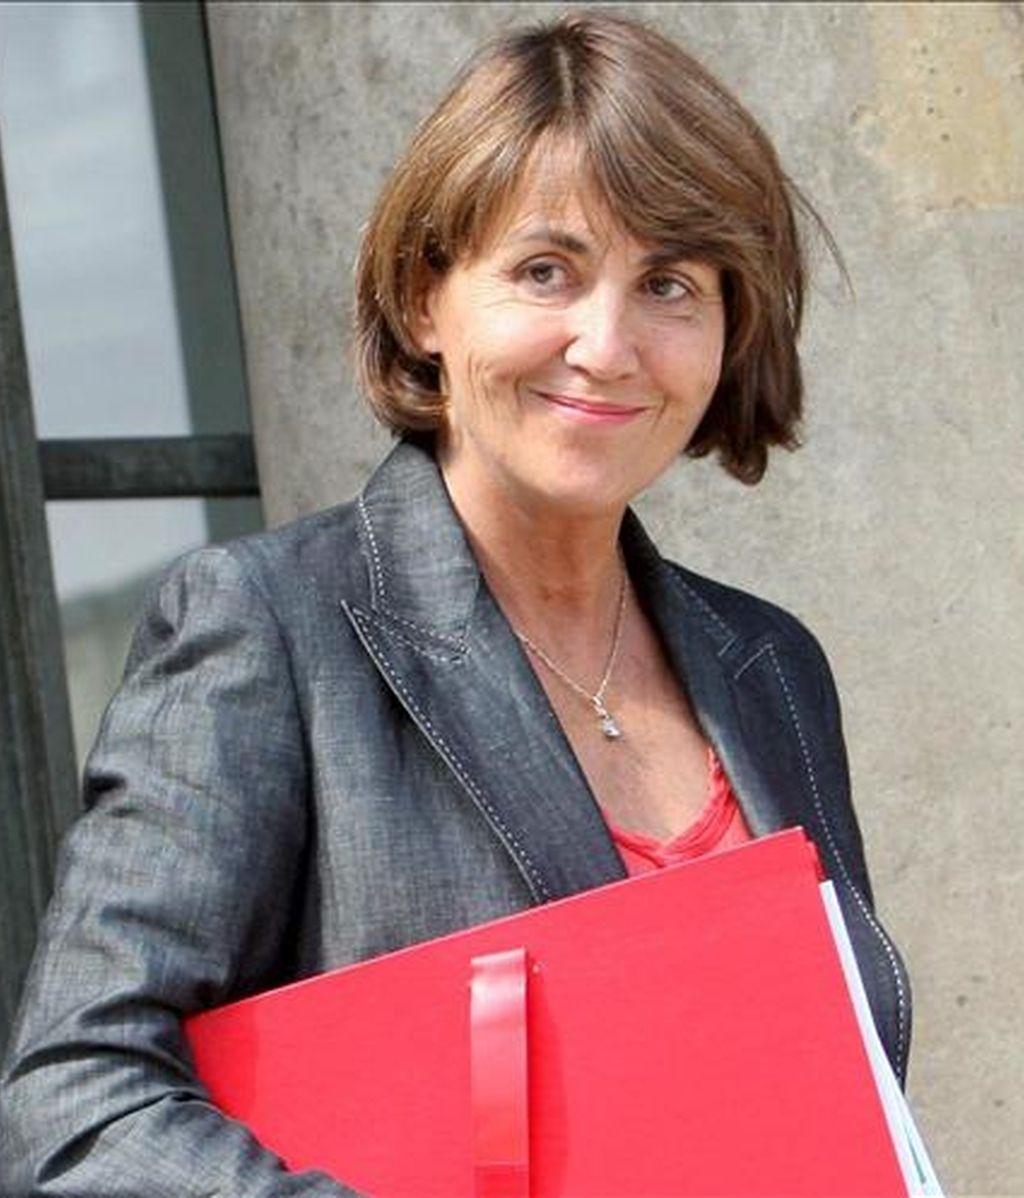 La ministra de Cultura francesa, Christine Albanel. EFE/Archivo